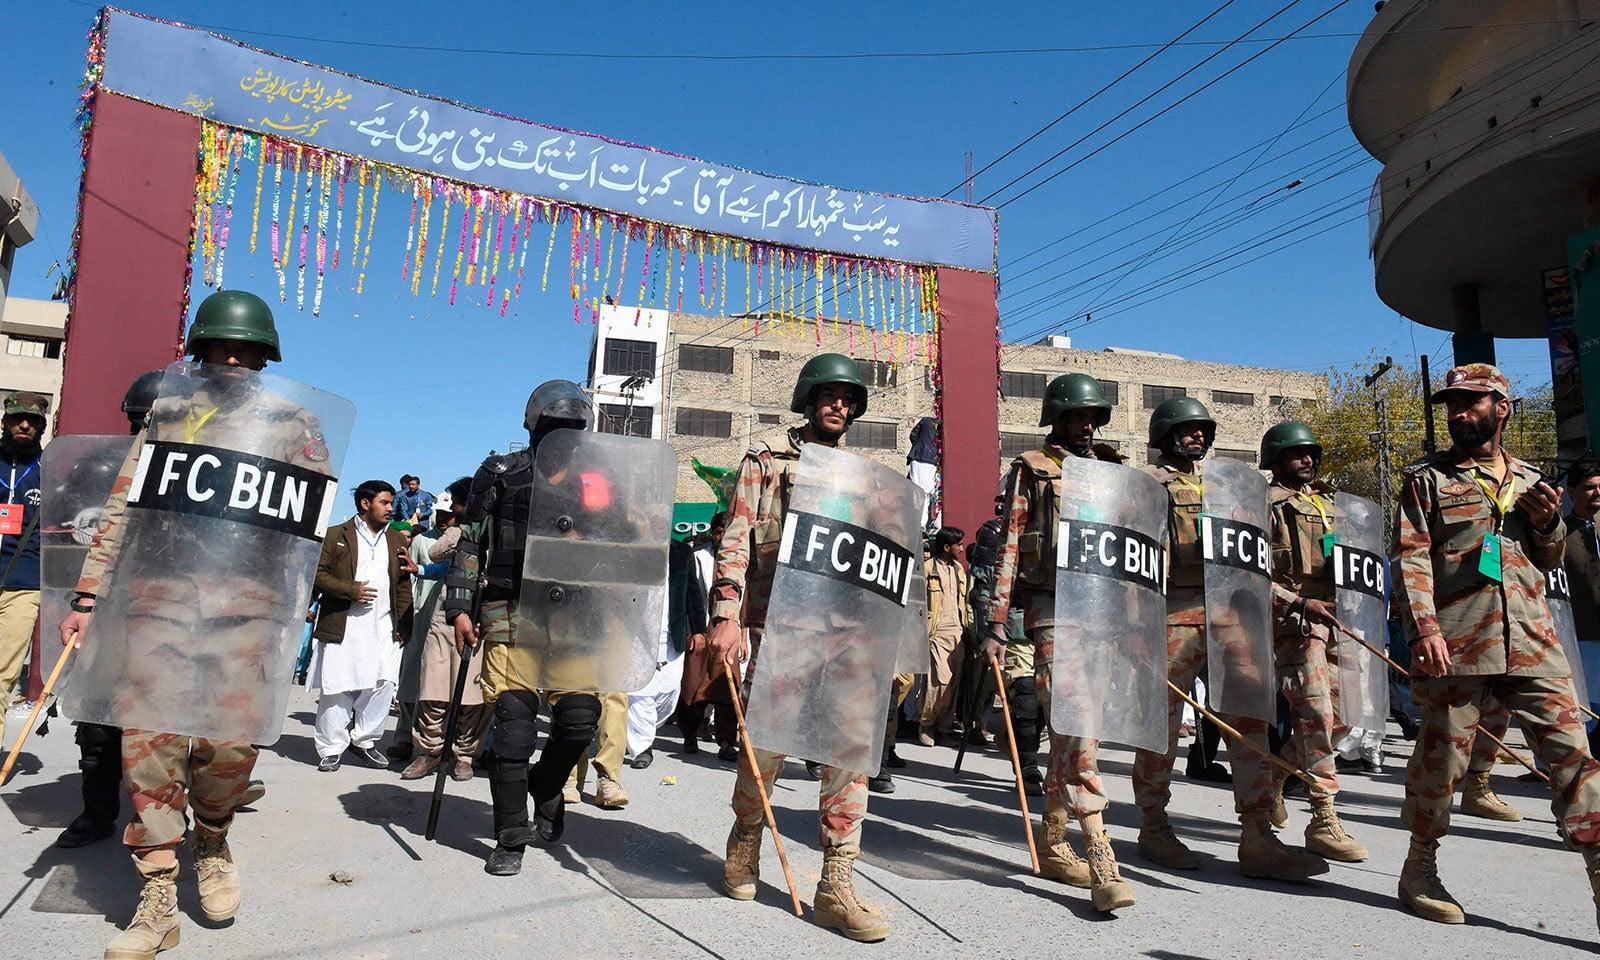 کوئٹہ اور کراچی سمیت ملک بھر میں سیکیورٹی کے سخت اقدامات کیے گئے—فوٹو:اے ایف پی